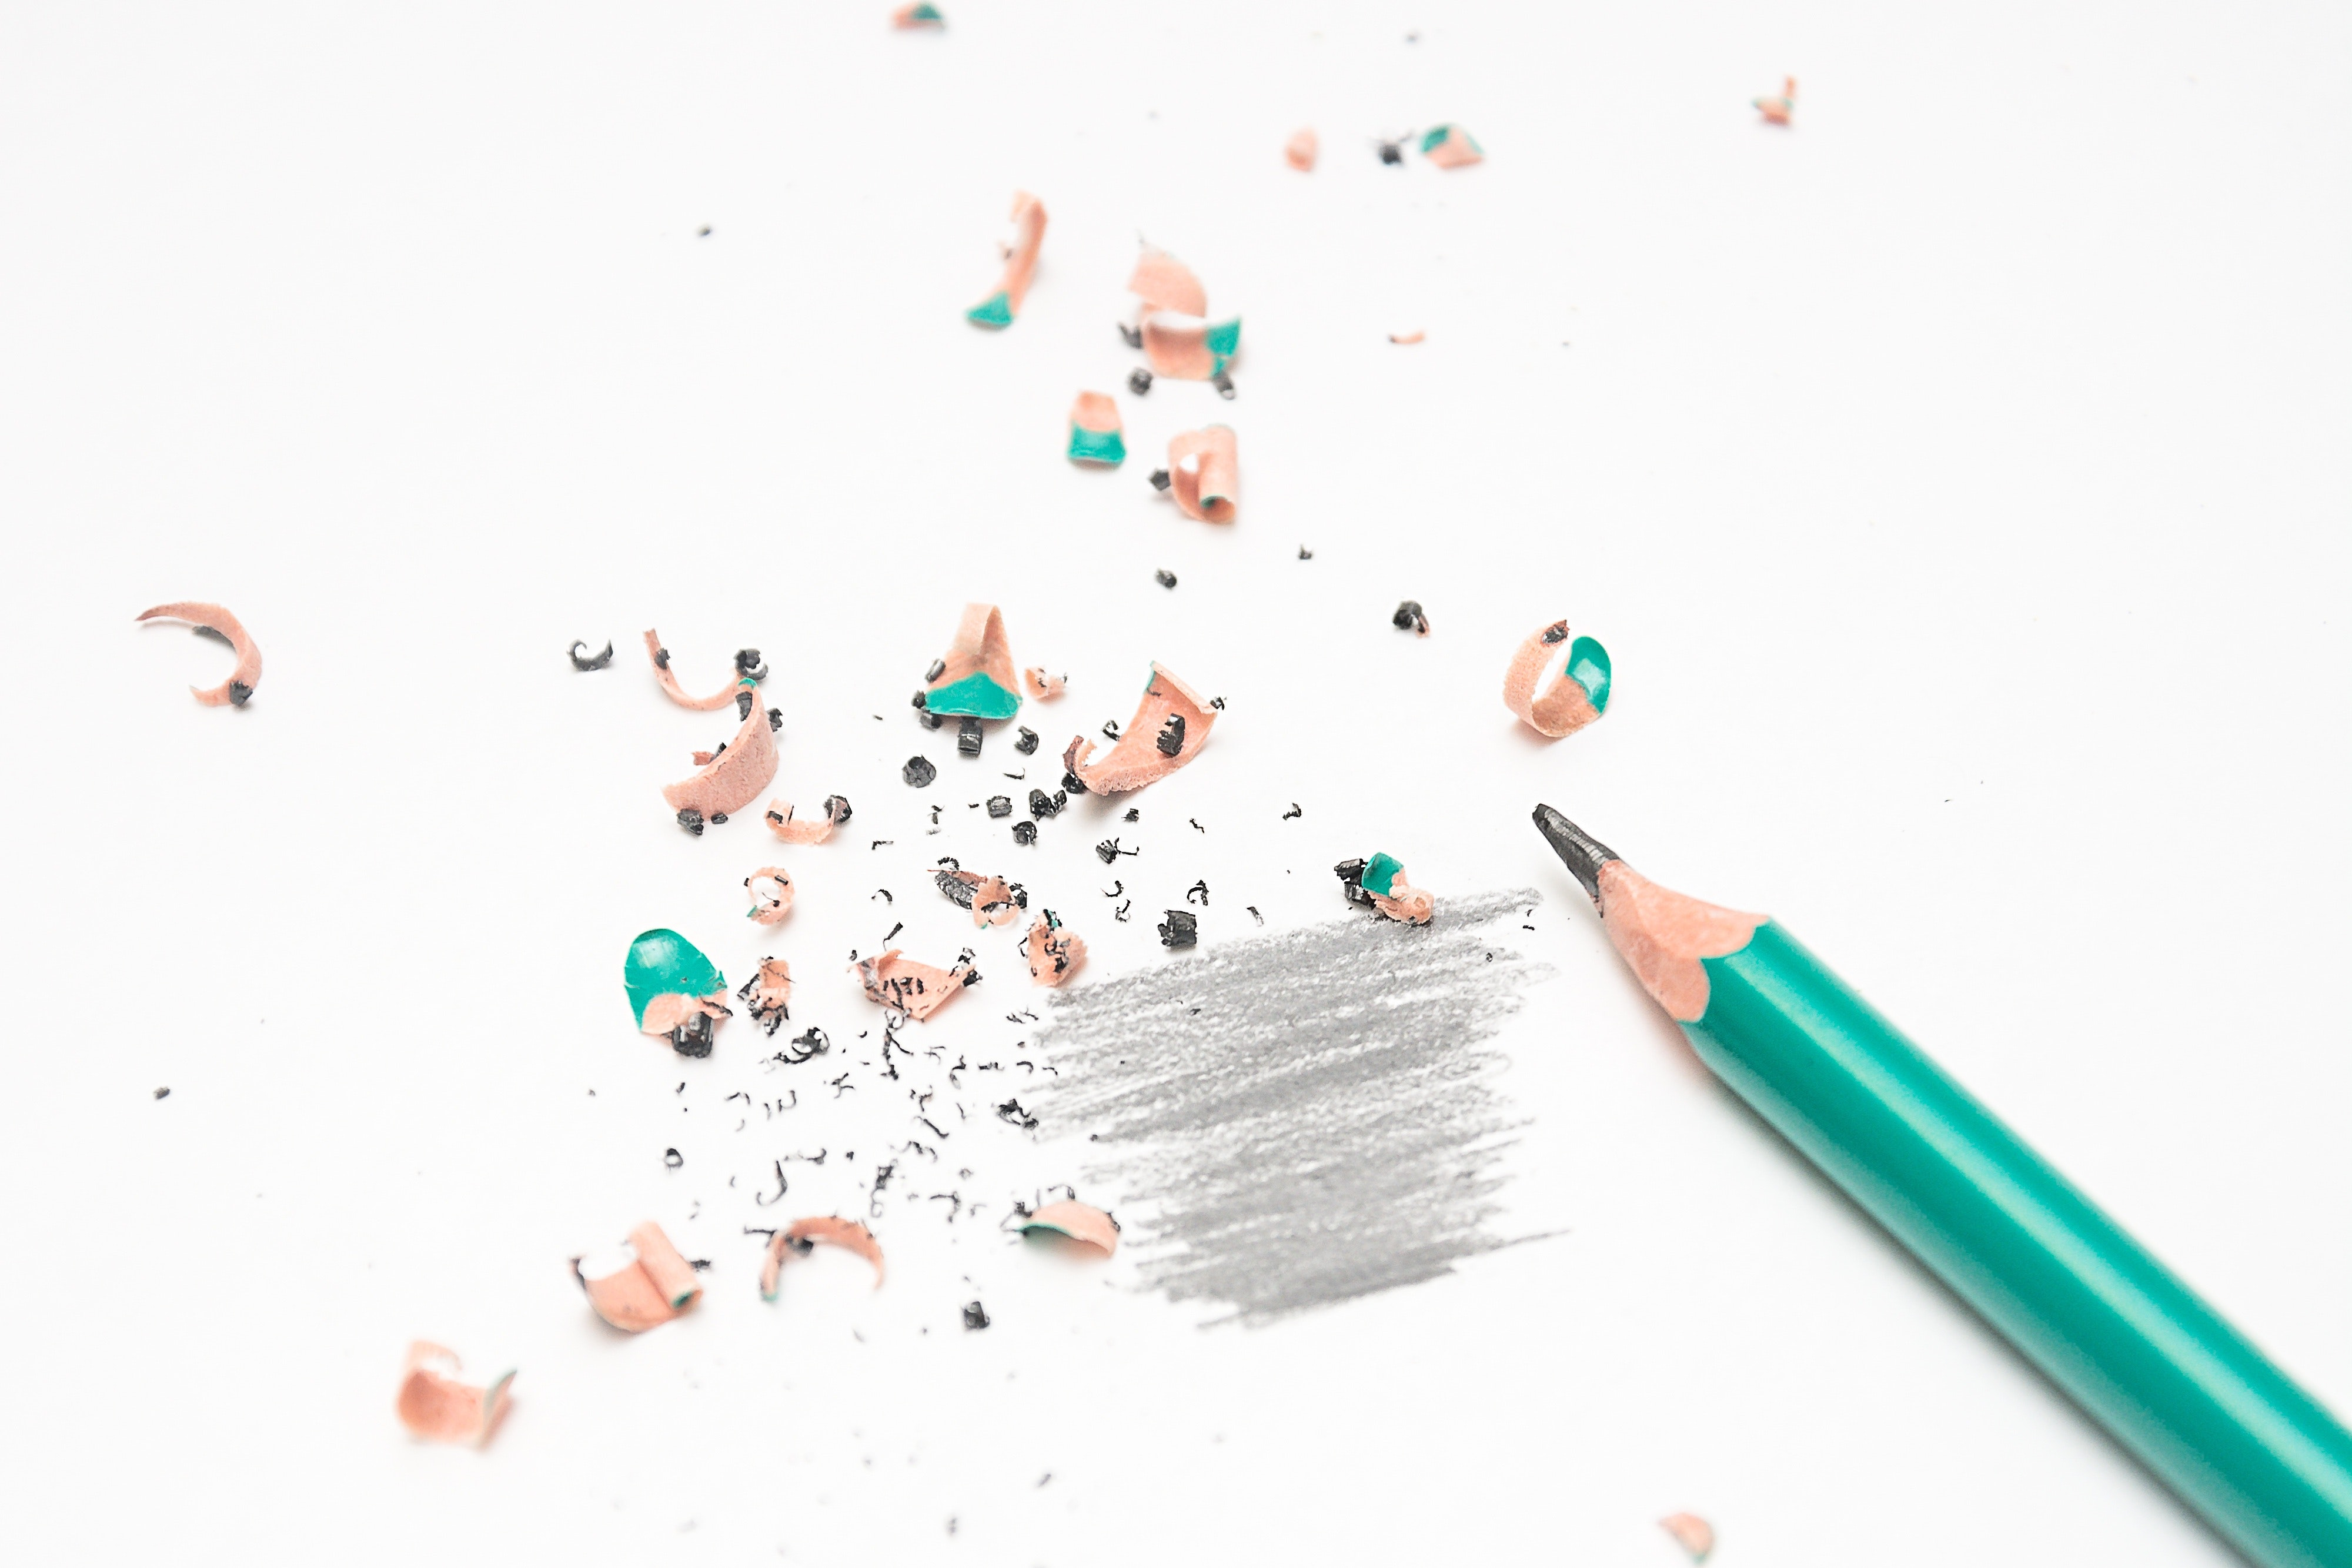 Se sai cosa scrivere ma non sai come scrivere, affidati ad un professionista!